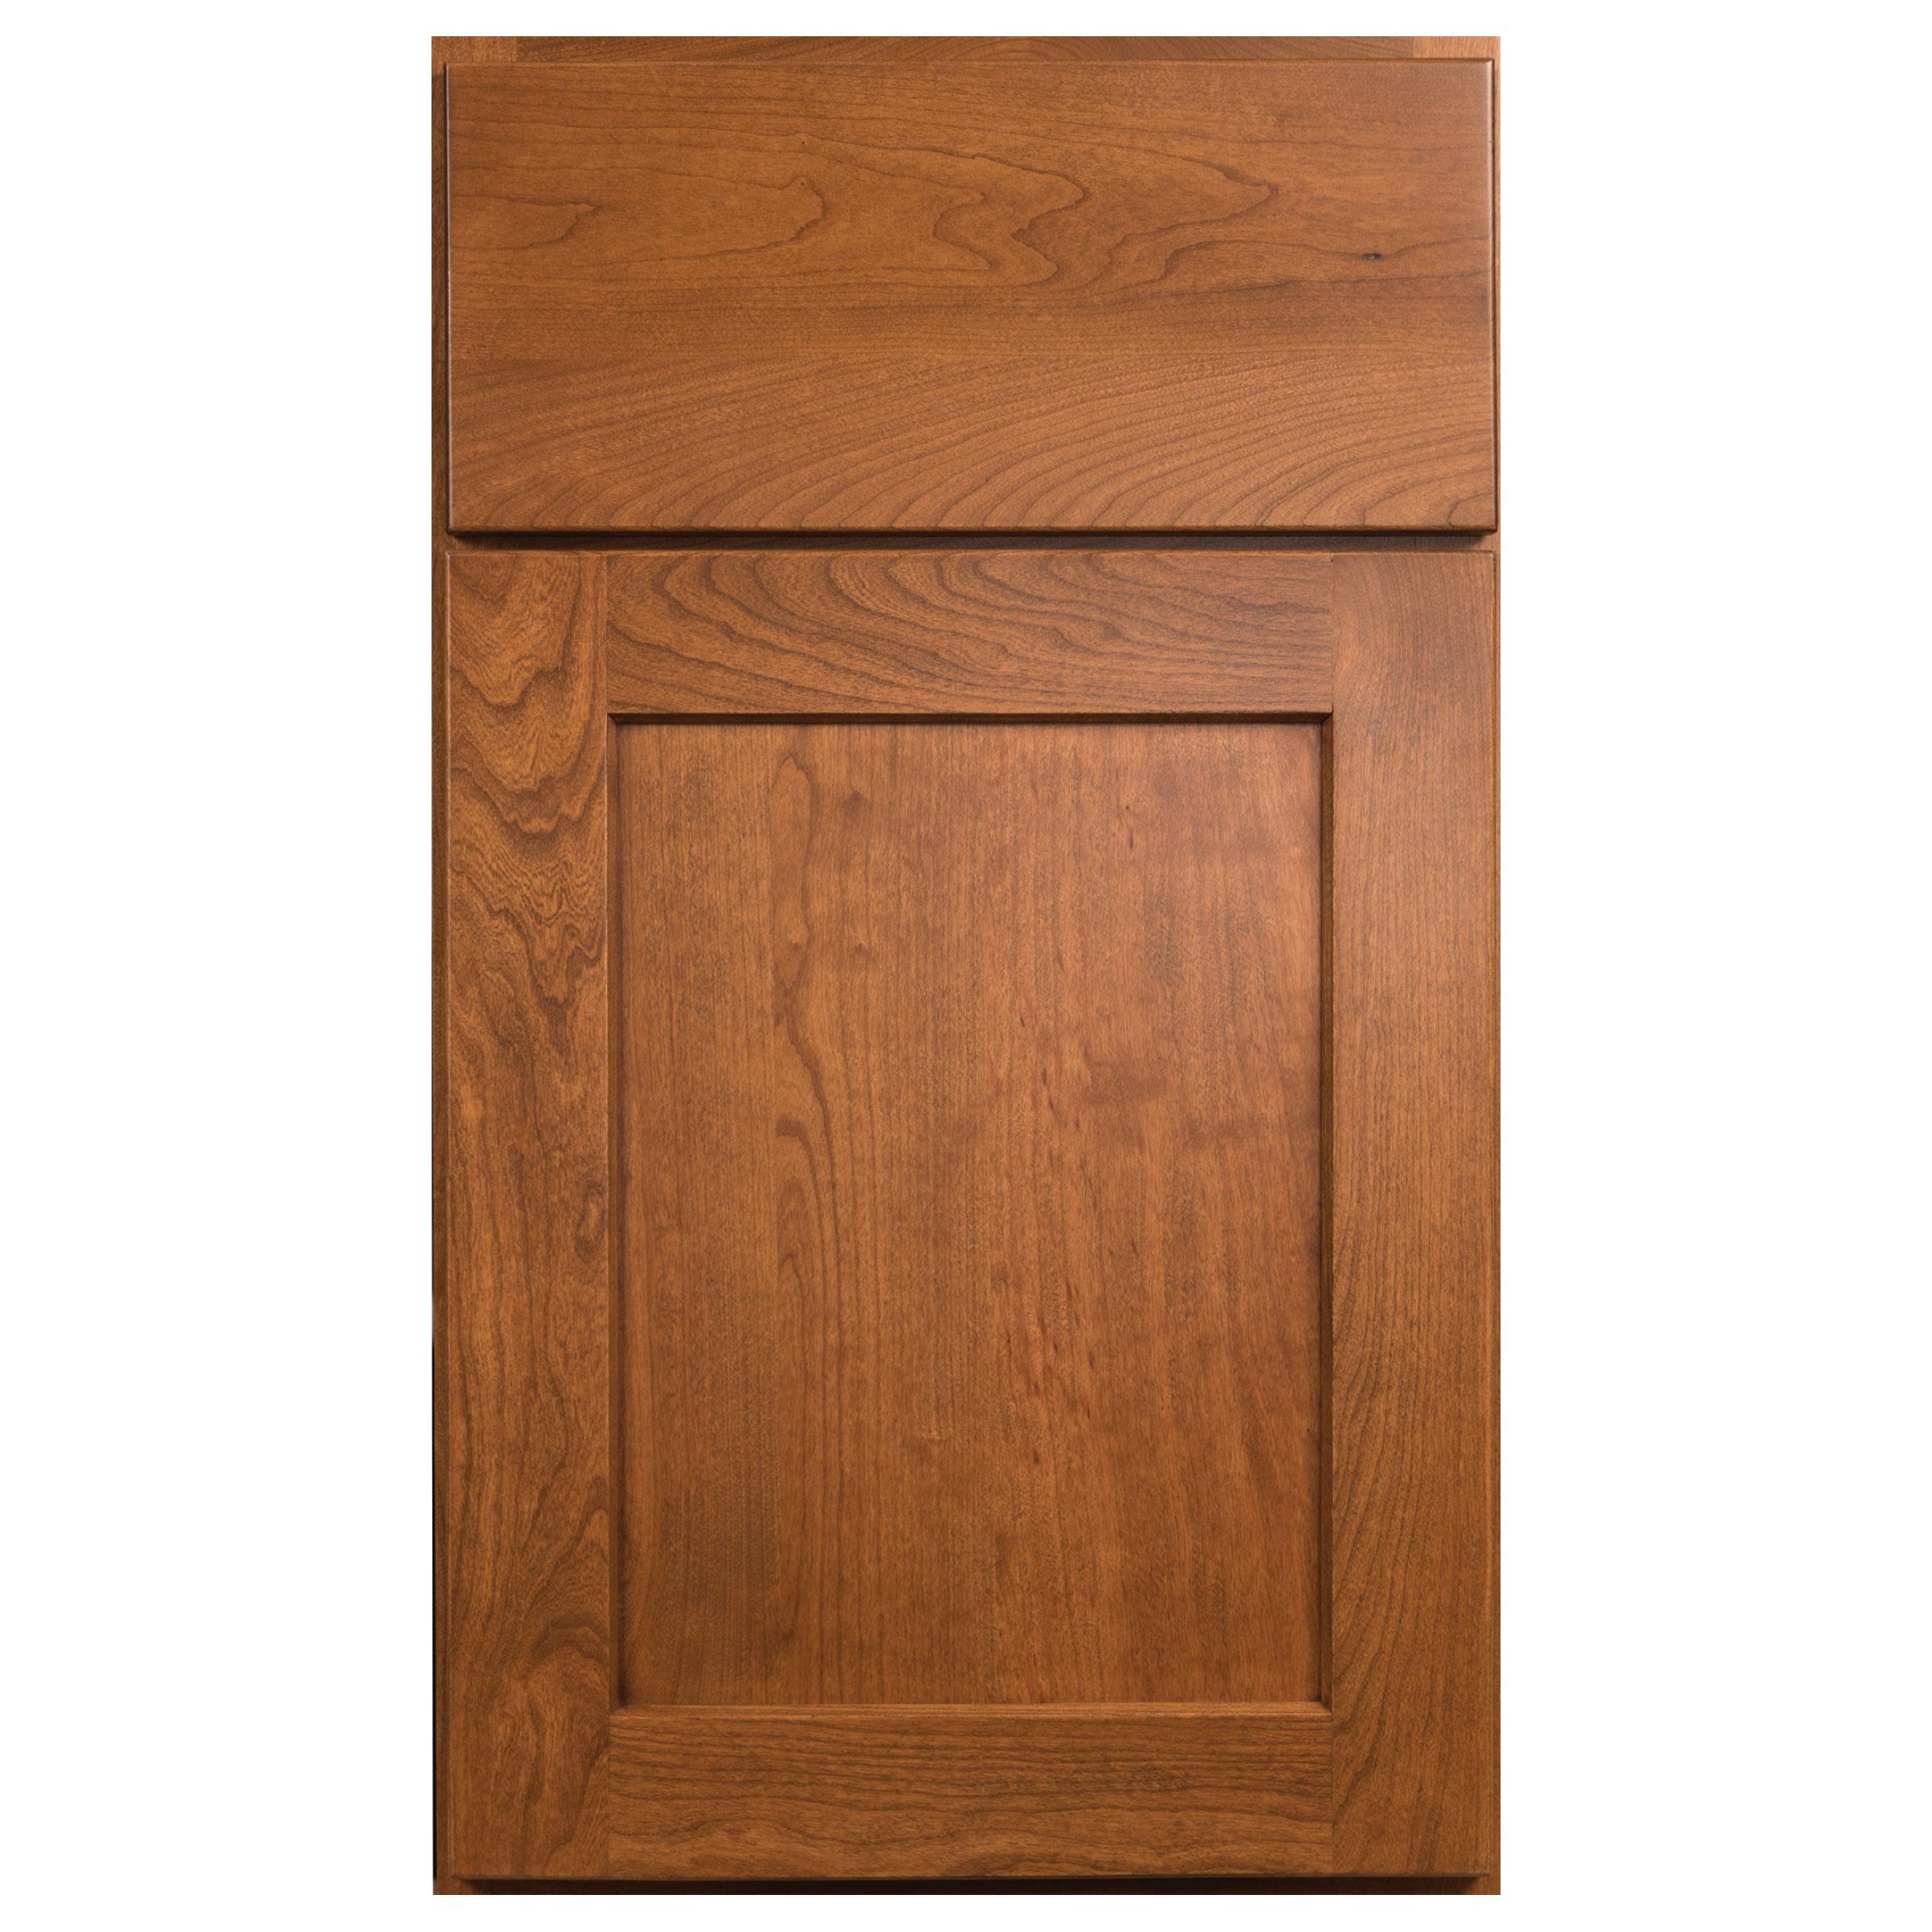 Danbury Wood Door